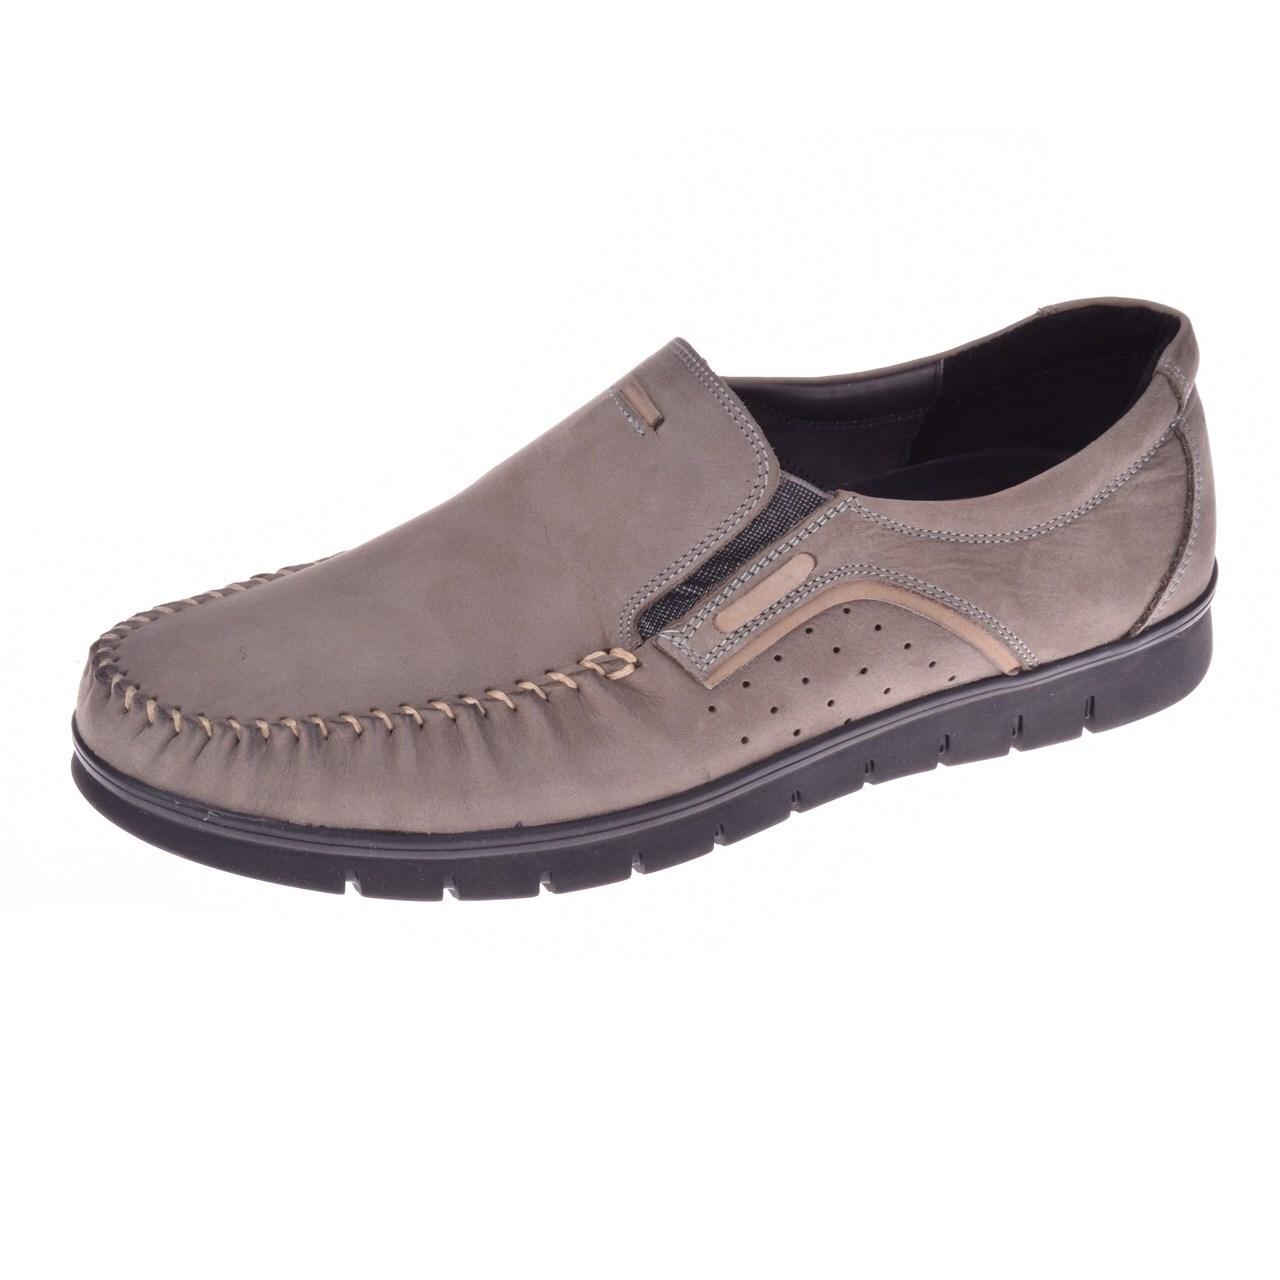 قیمت کفش مردانه پانیسا مدل Rebol-Grey